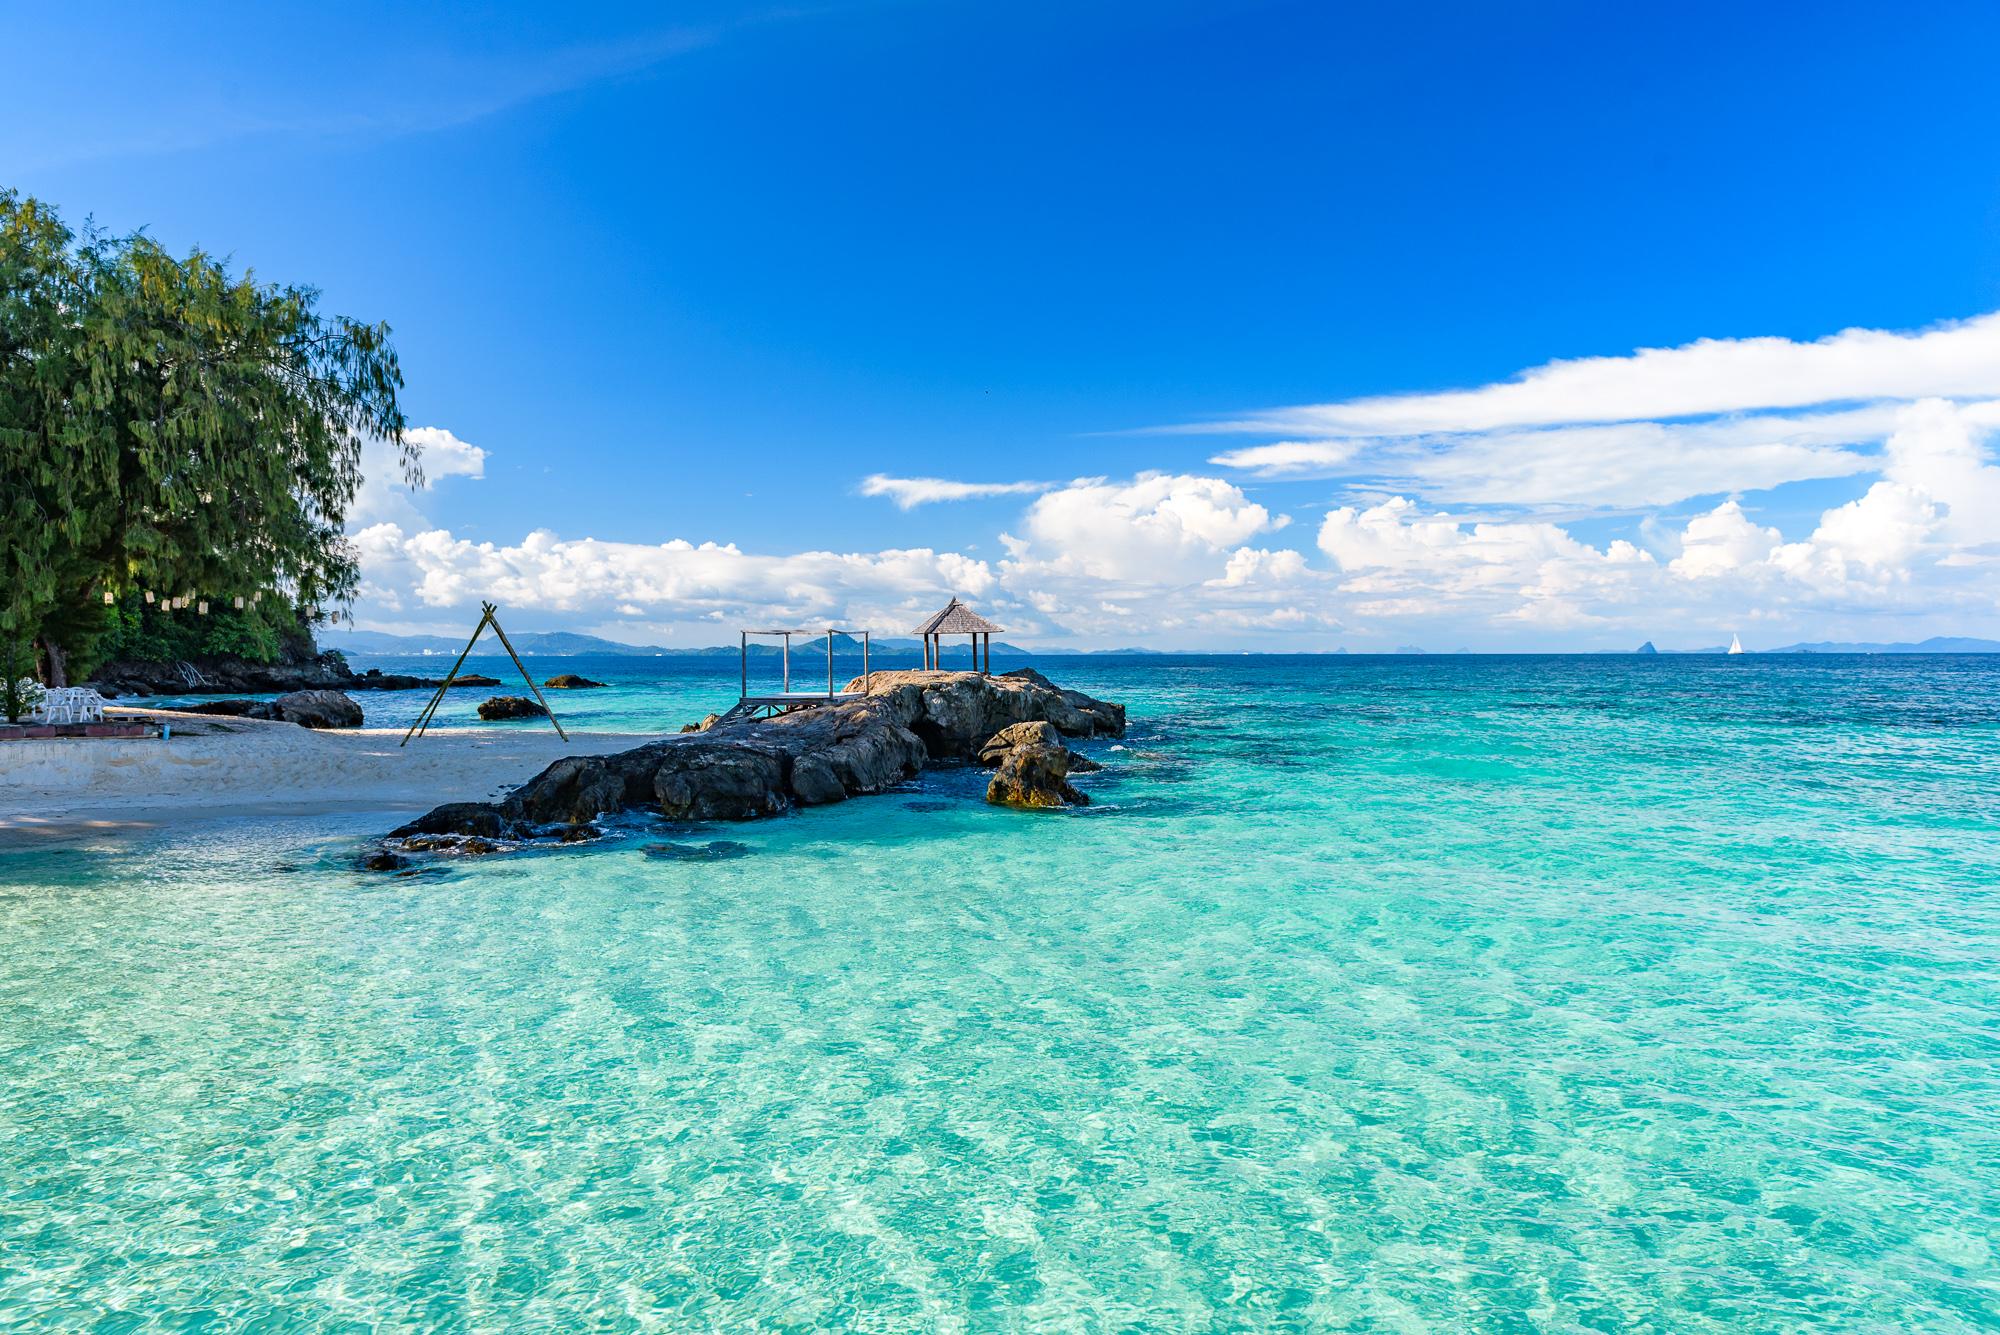 เที่ยวเกาะไม้ท่อนแบบสวยเต็มสิบ!!! กับไม้ท่อนรีสอร์ท | นายมด - Blogger  สายท่องเที่ยวและถ่ายภาพ